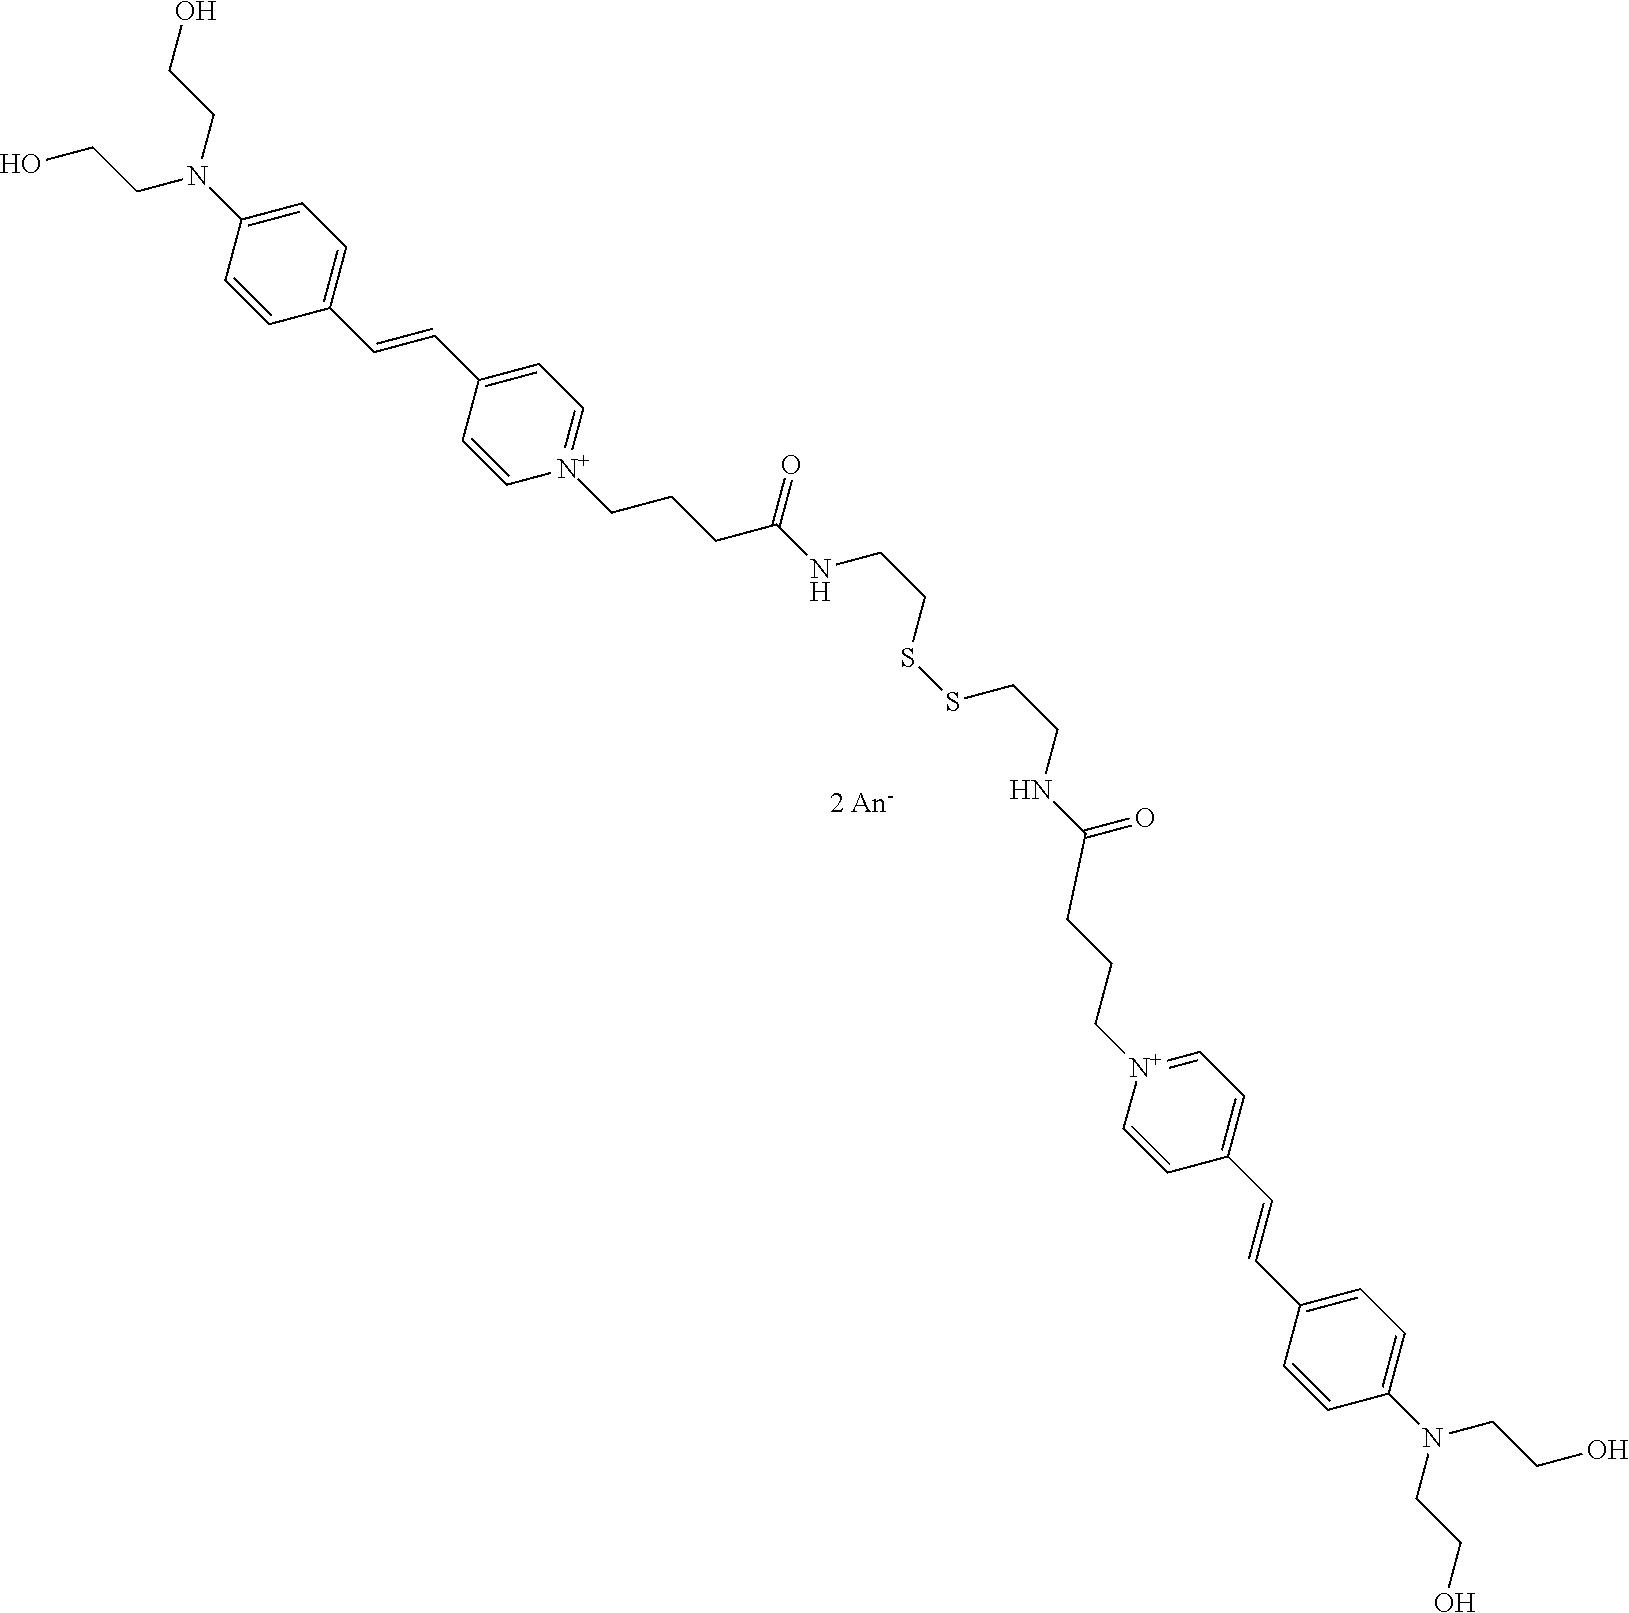 Figure US08840684-20140923-C00104